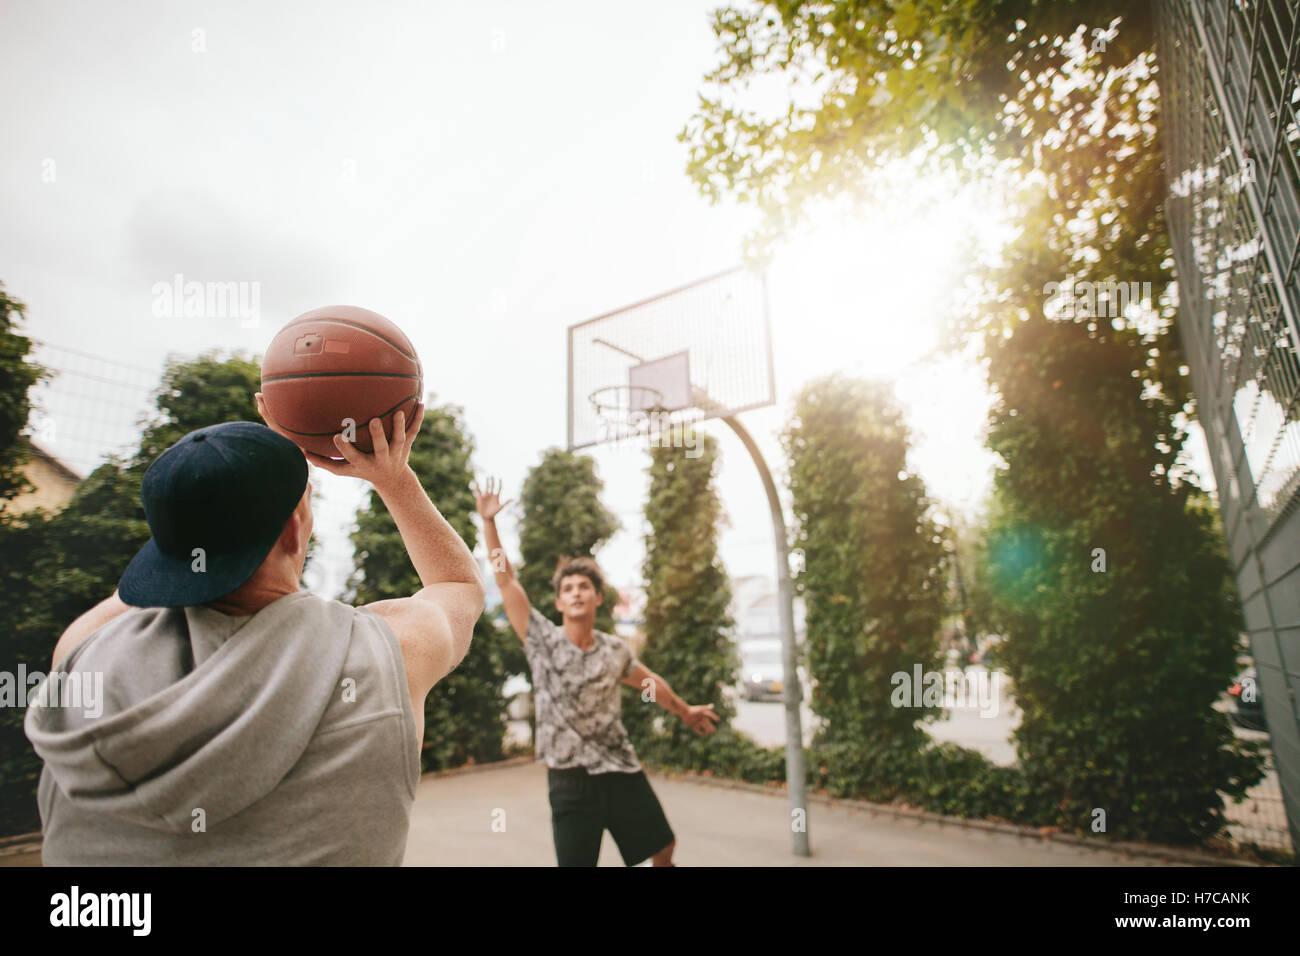 Les joueurs de Streetball sur cour jouant au basket-ball. Jeune mec en tenant tourné vers le panier avec ami Photo Stock